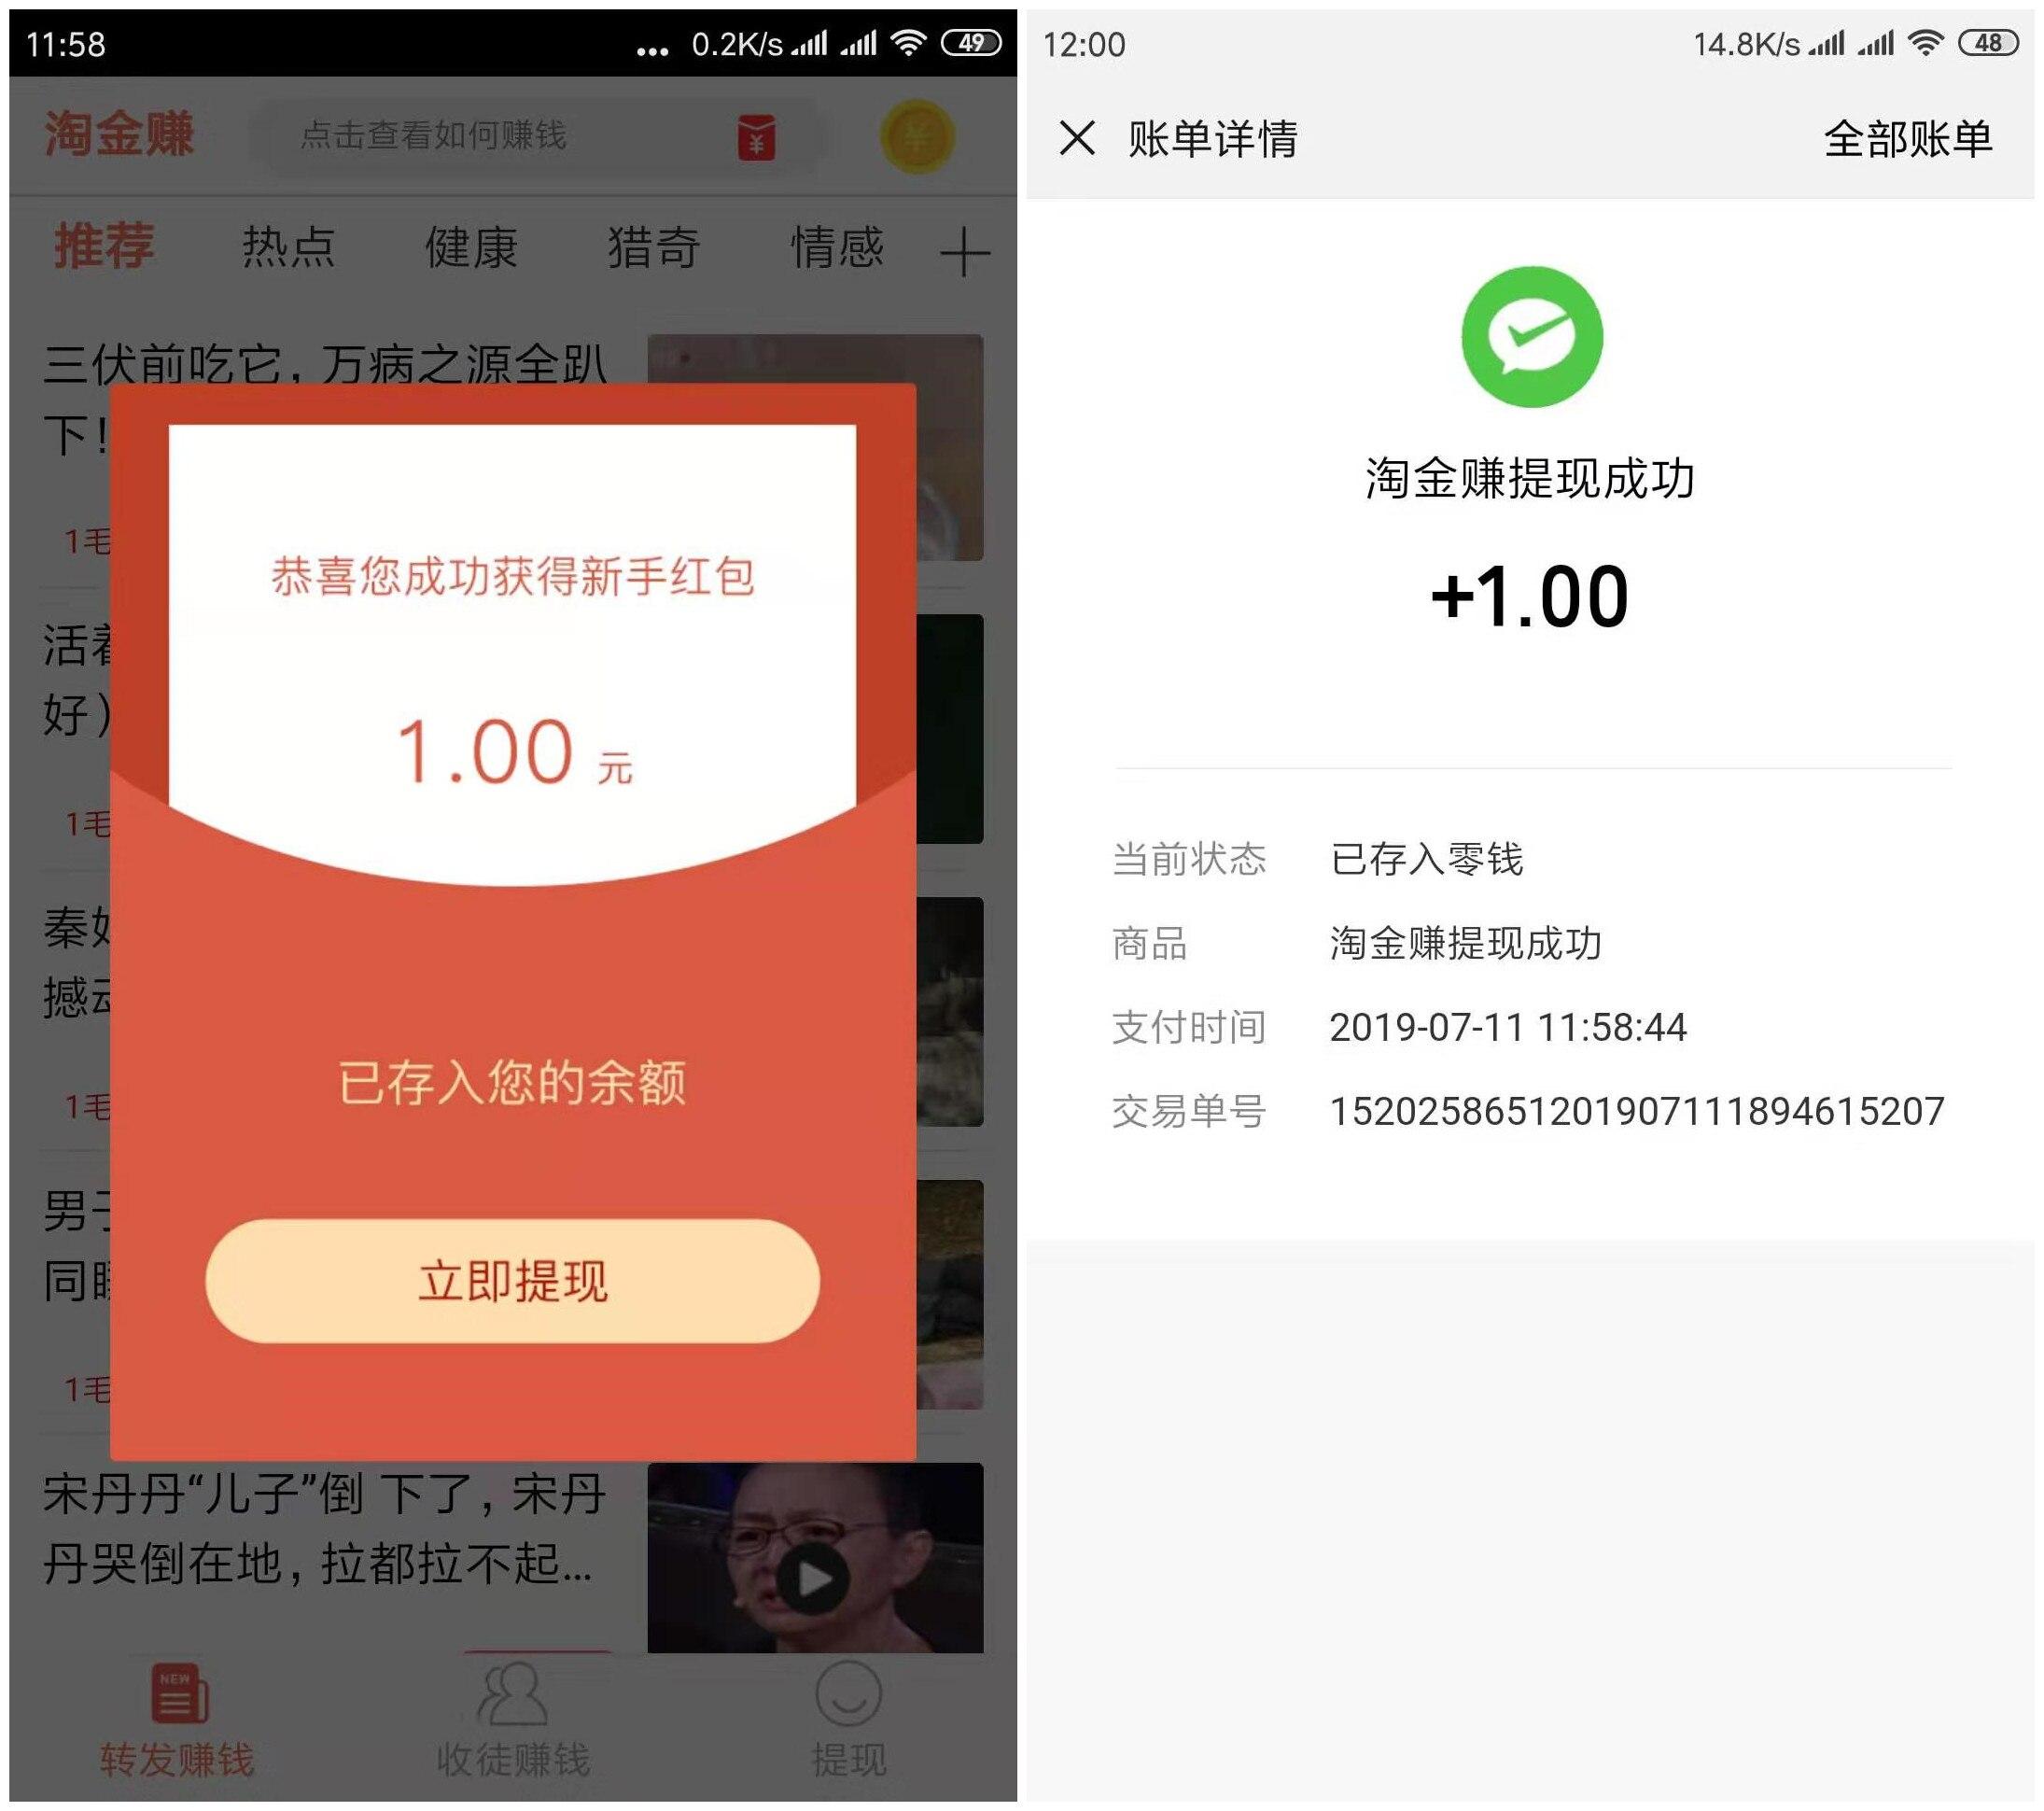 淘金赚新用户撸1元秒到账